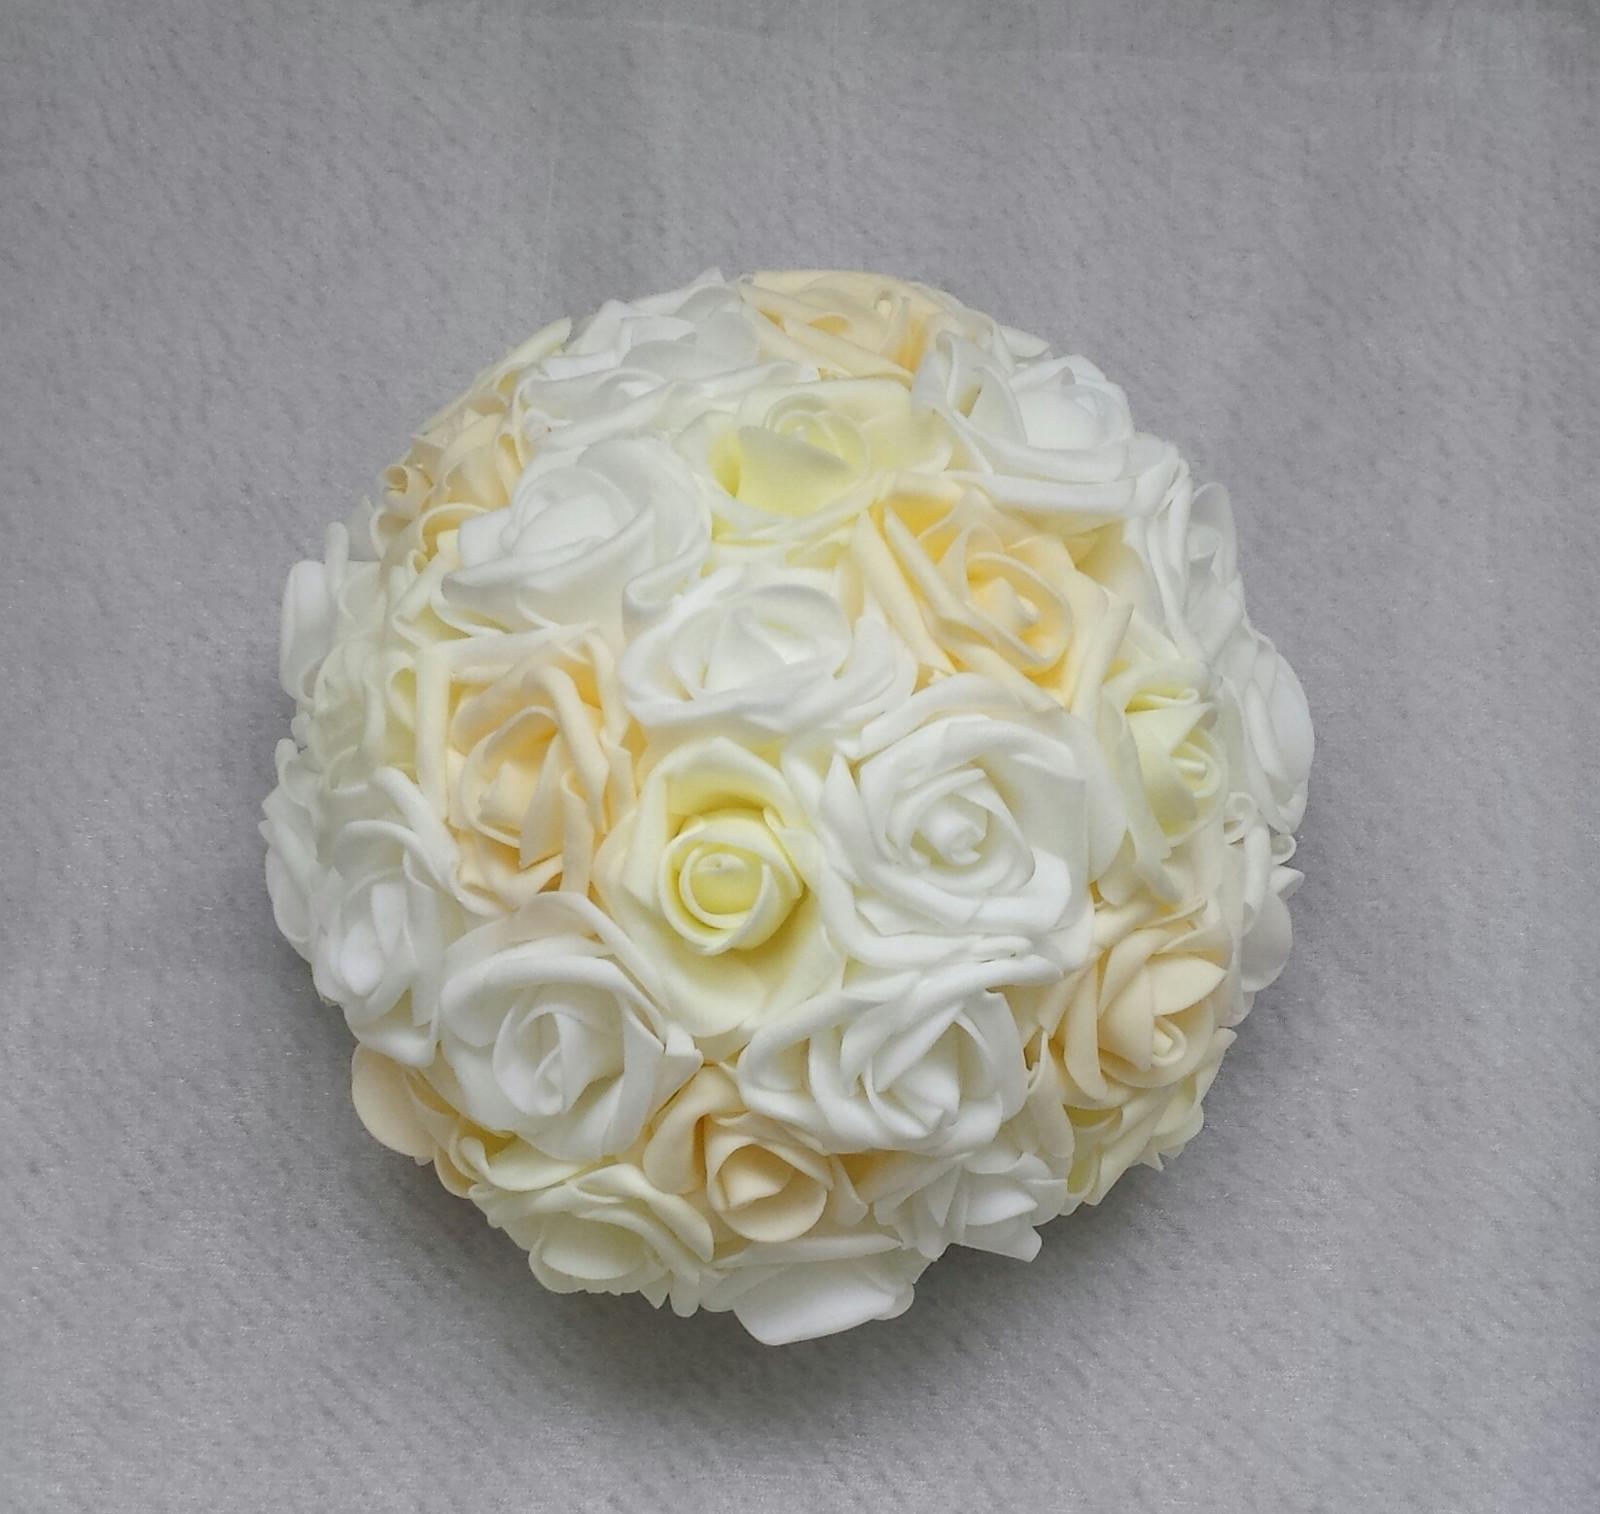 Buket na svatební auto bílá/ivory/šampaň - Obrázek č. 1